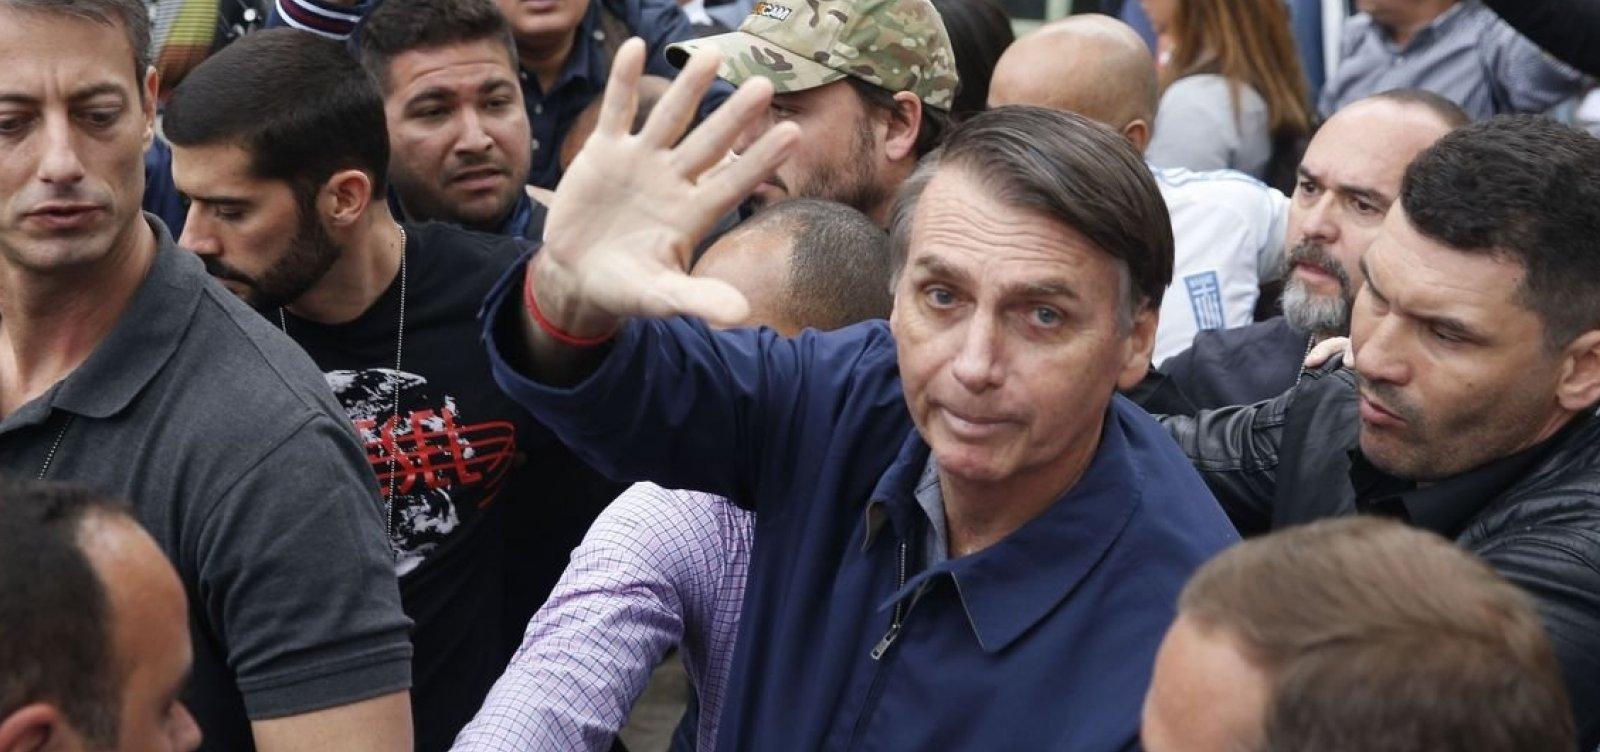 Bolsonaro comemora resultado e diz que o país não pode 'dar mais um passo à esquerda'